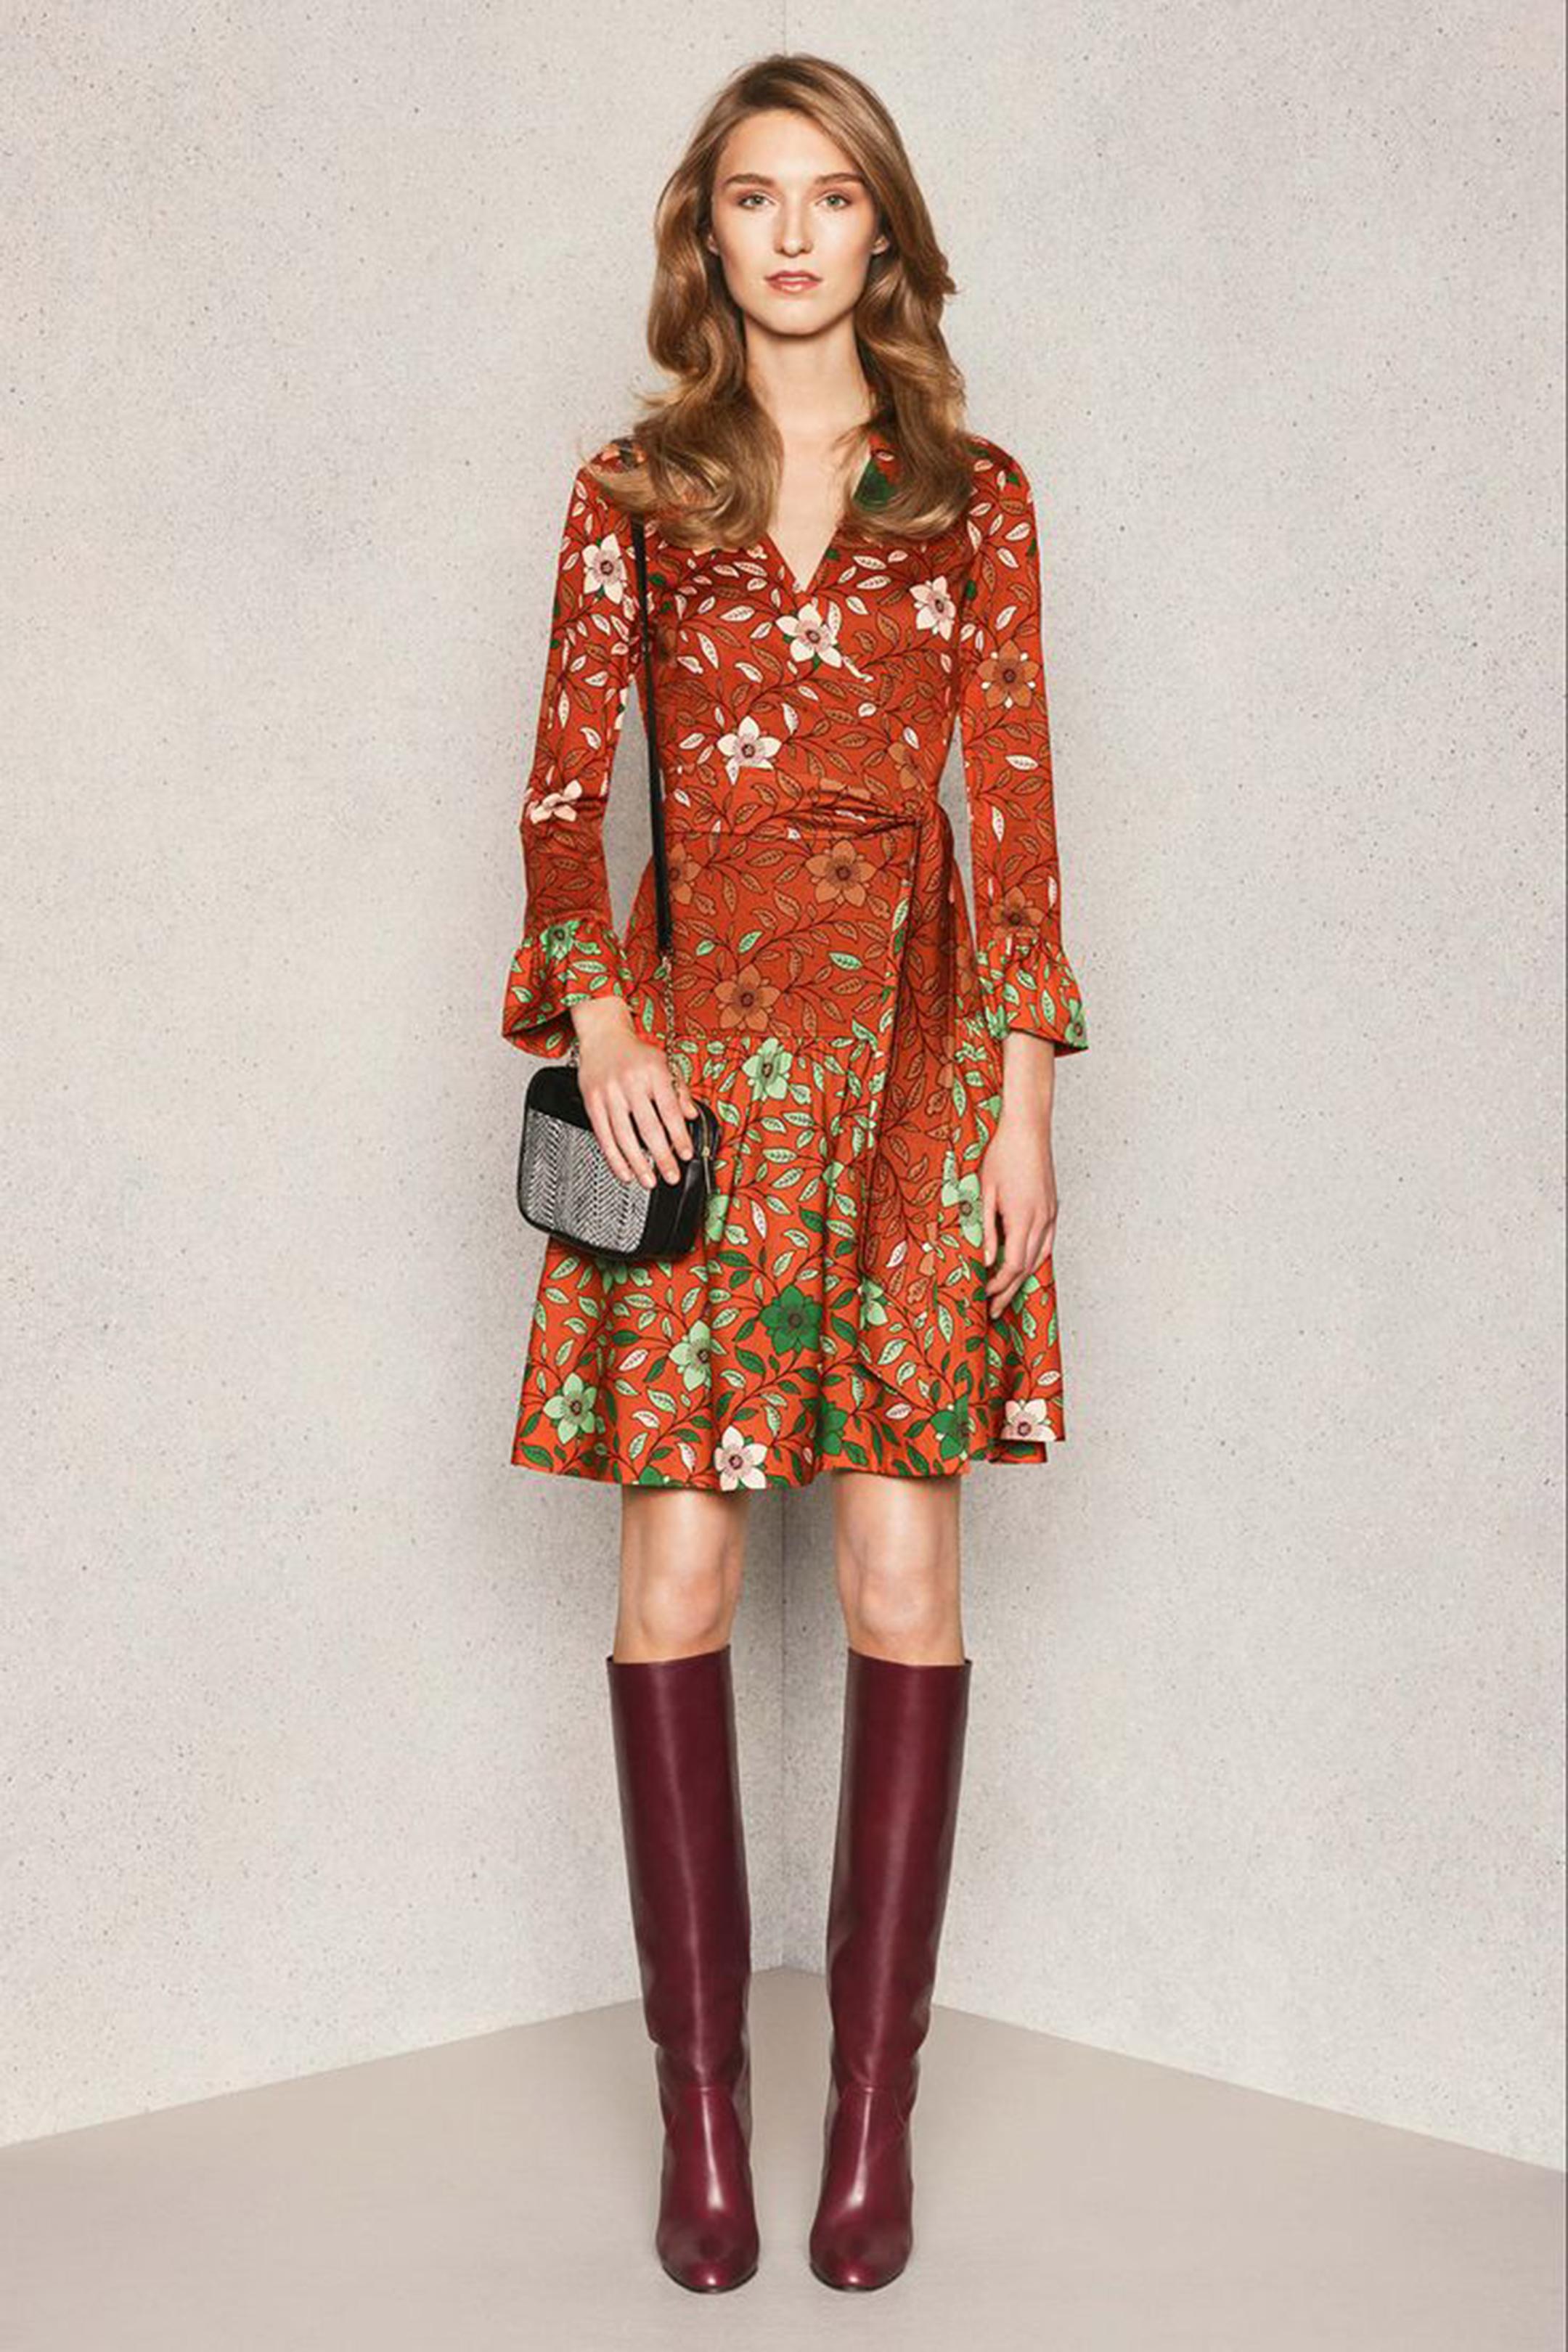 Shouts Alti Trends Anni Style '70 Stivali Fashion ZqBYRB